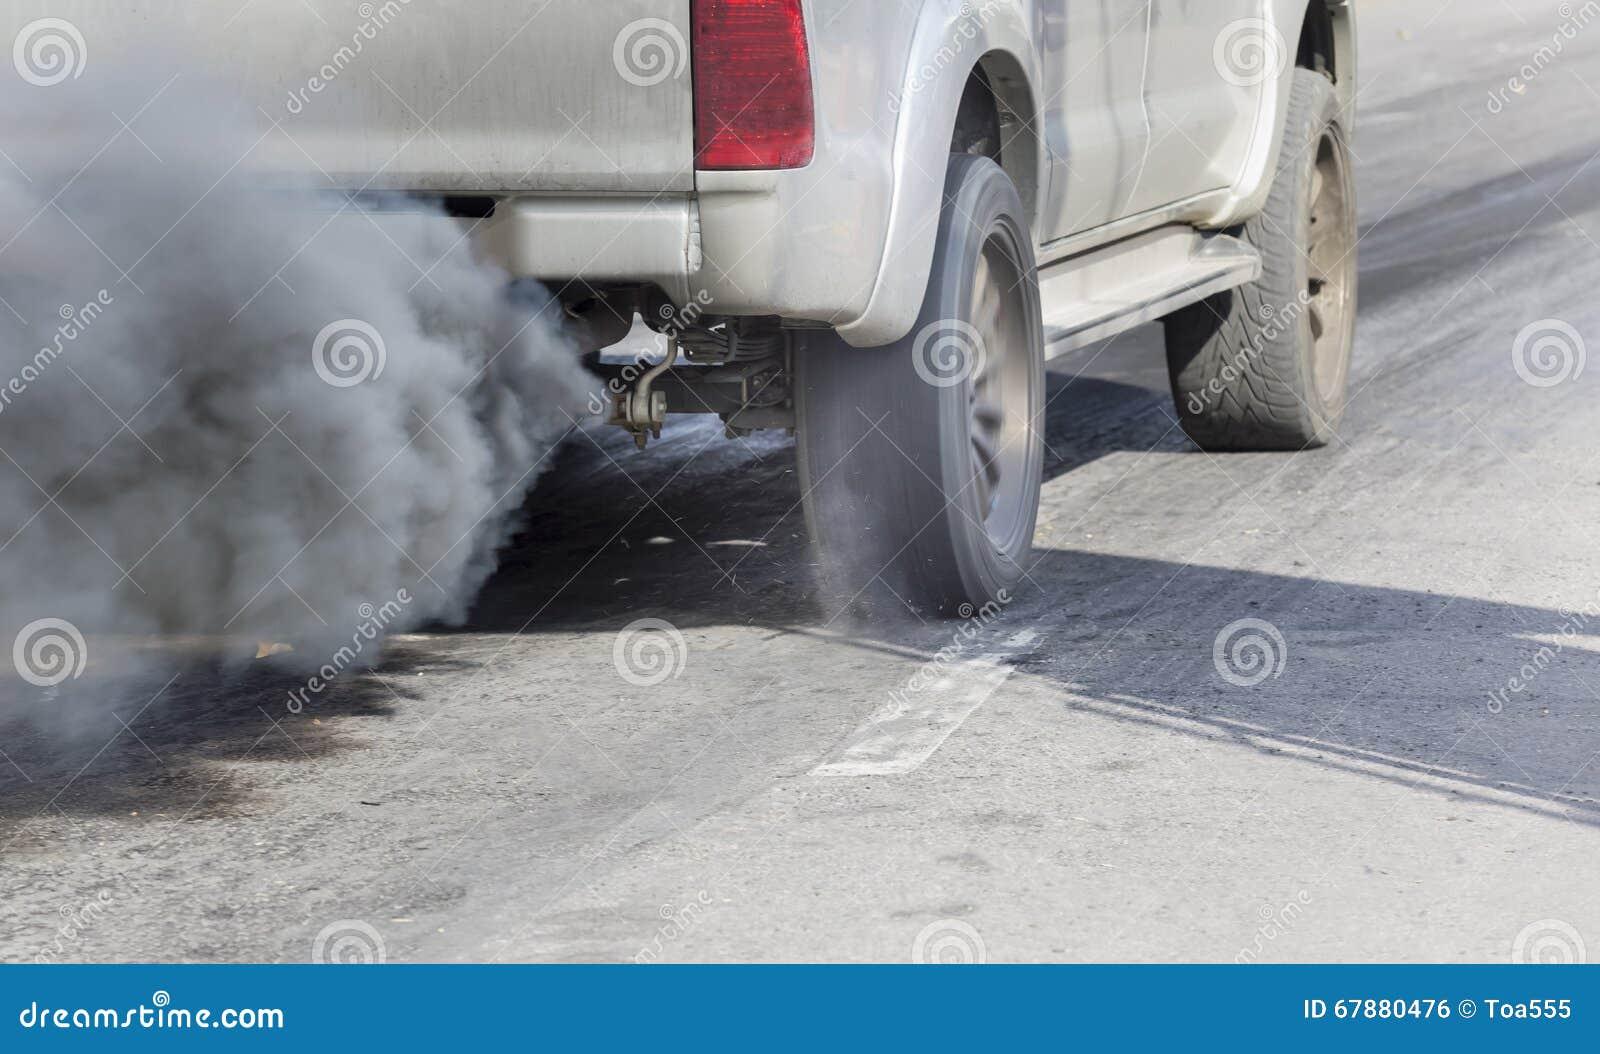 Poluição do ar da tubulação de exaustão do veículo